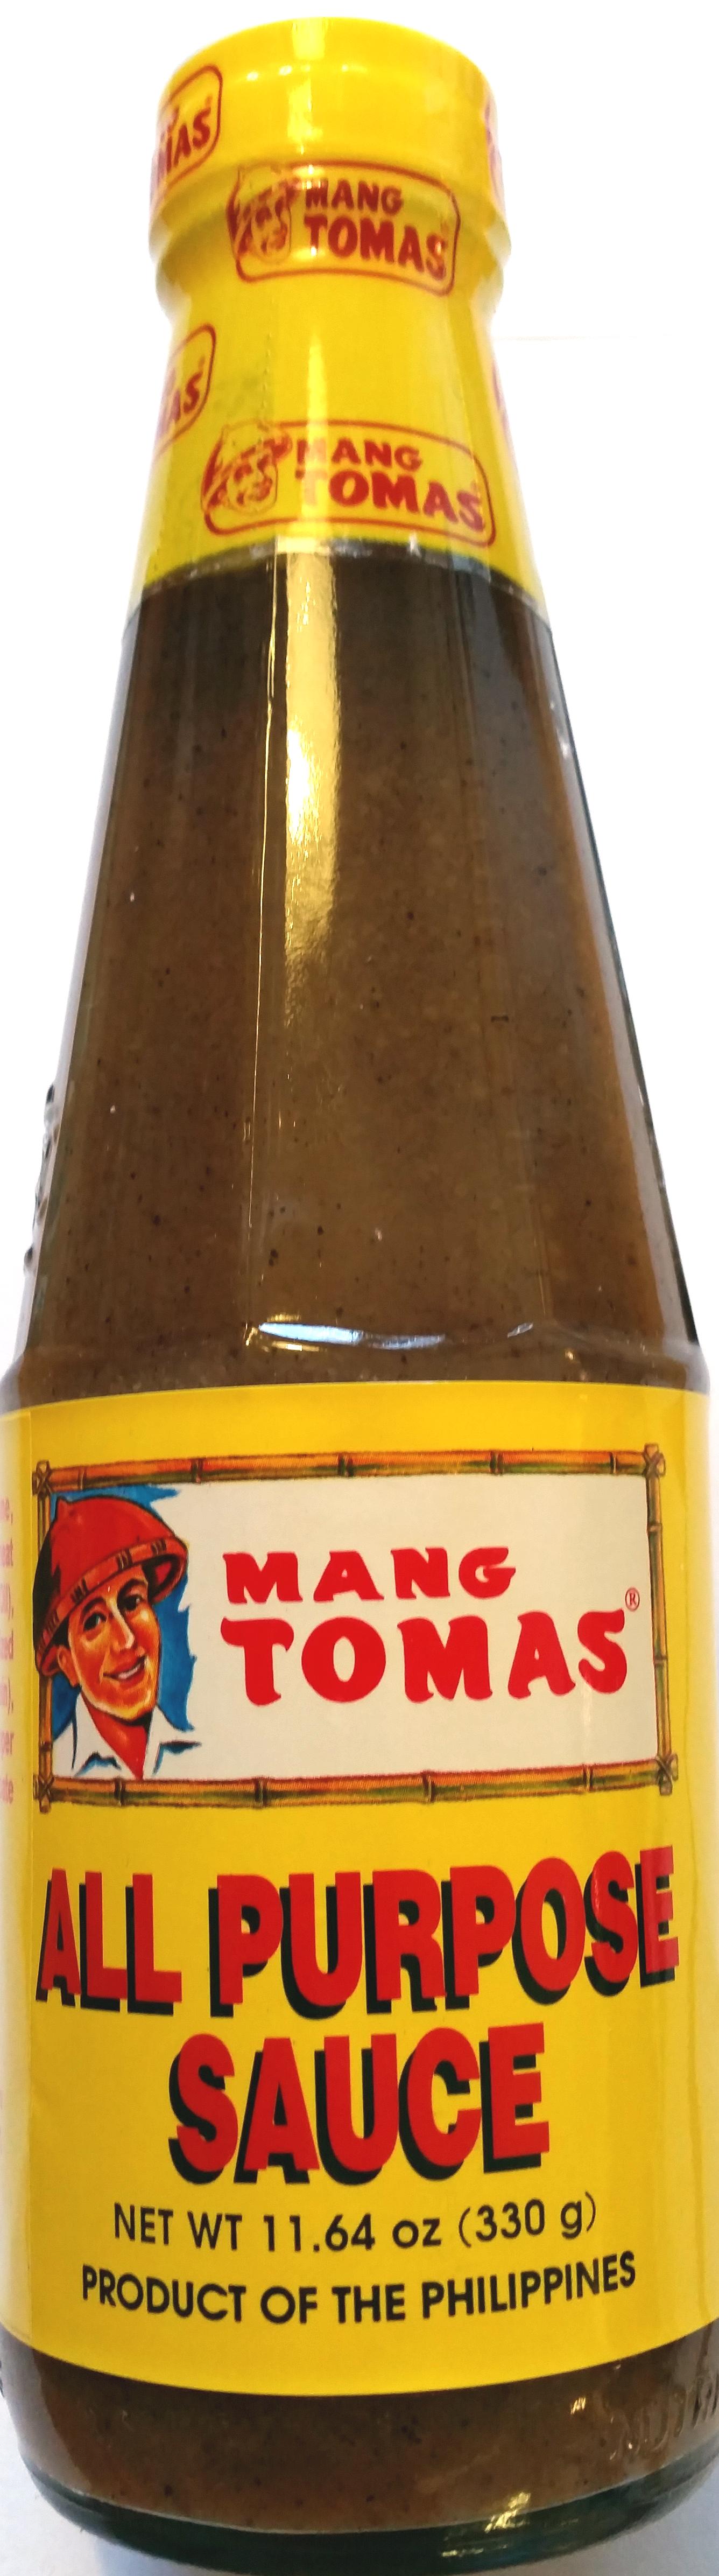 mangtomasallpurposesauce330g Pinoy Food Stuff